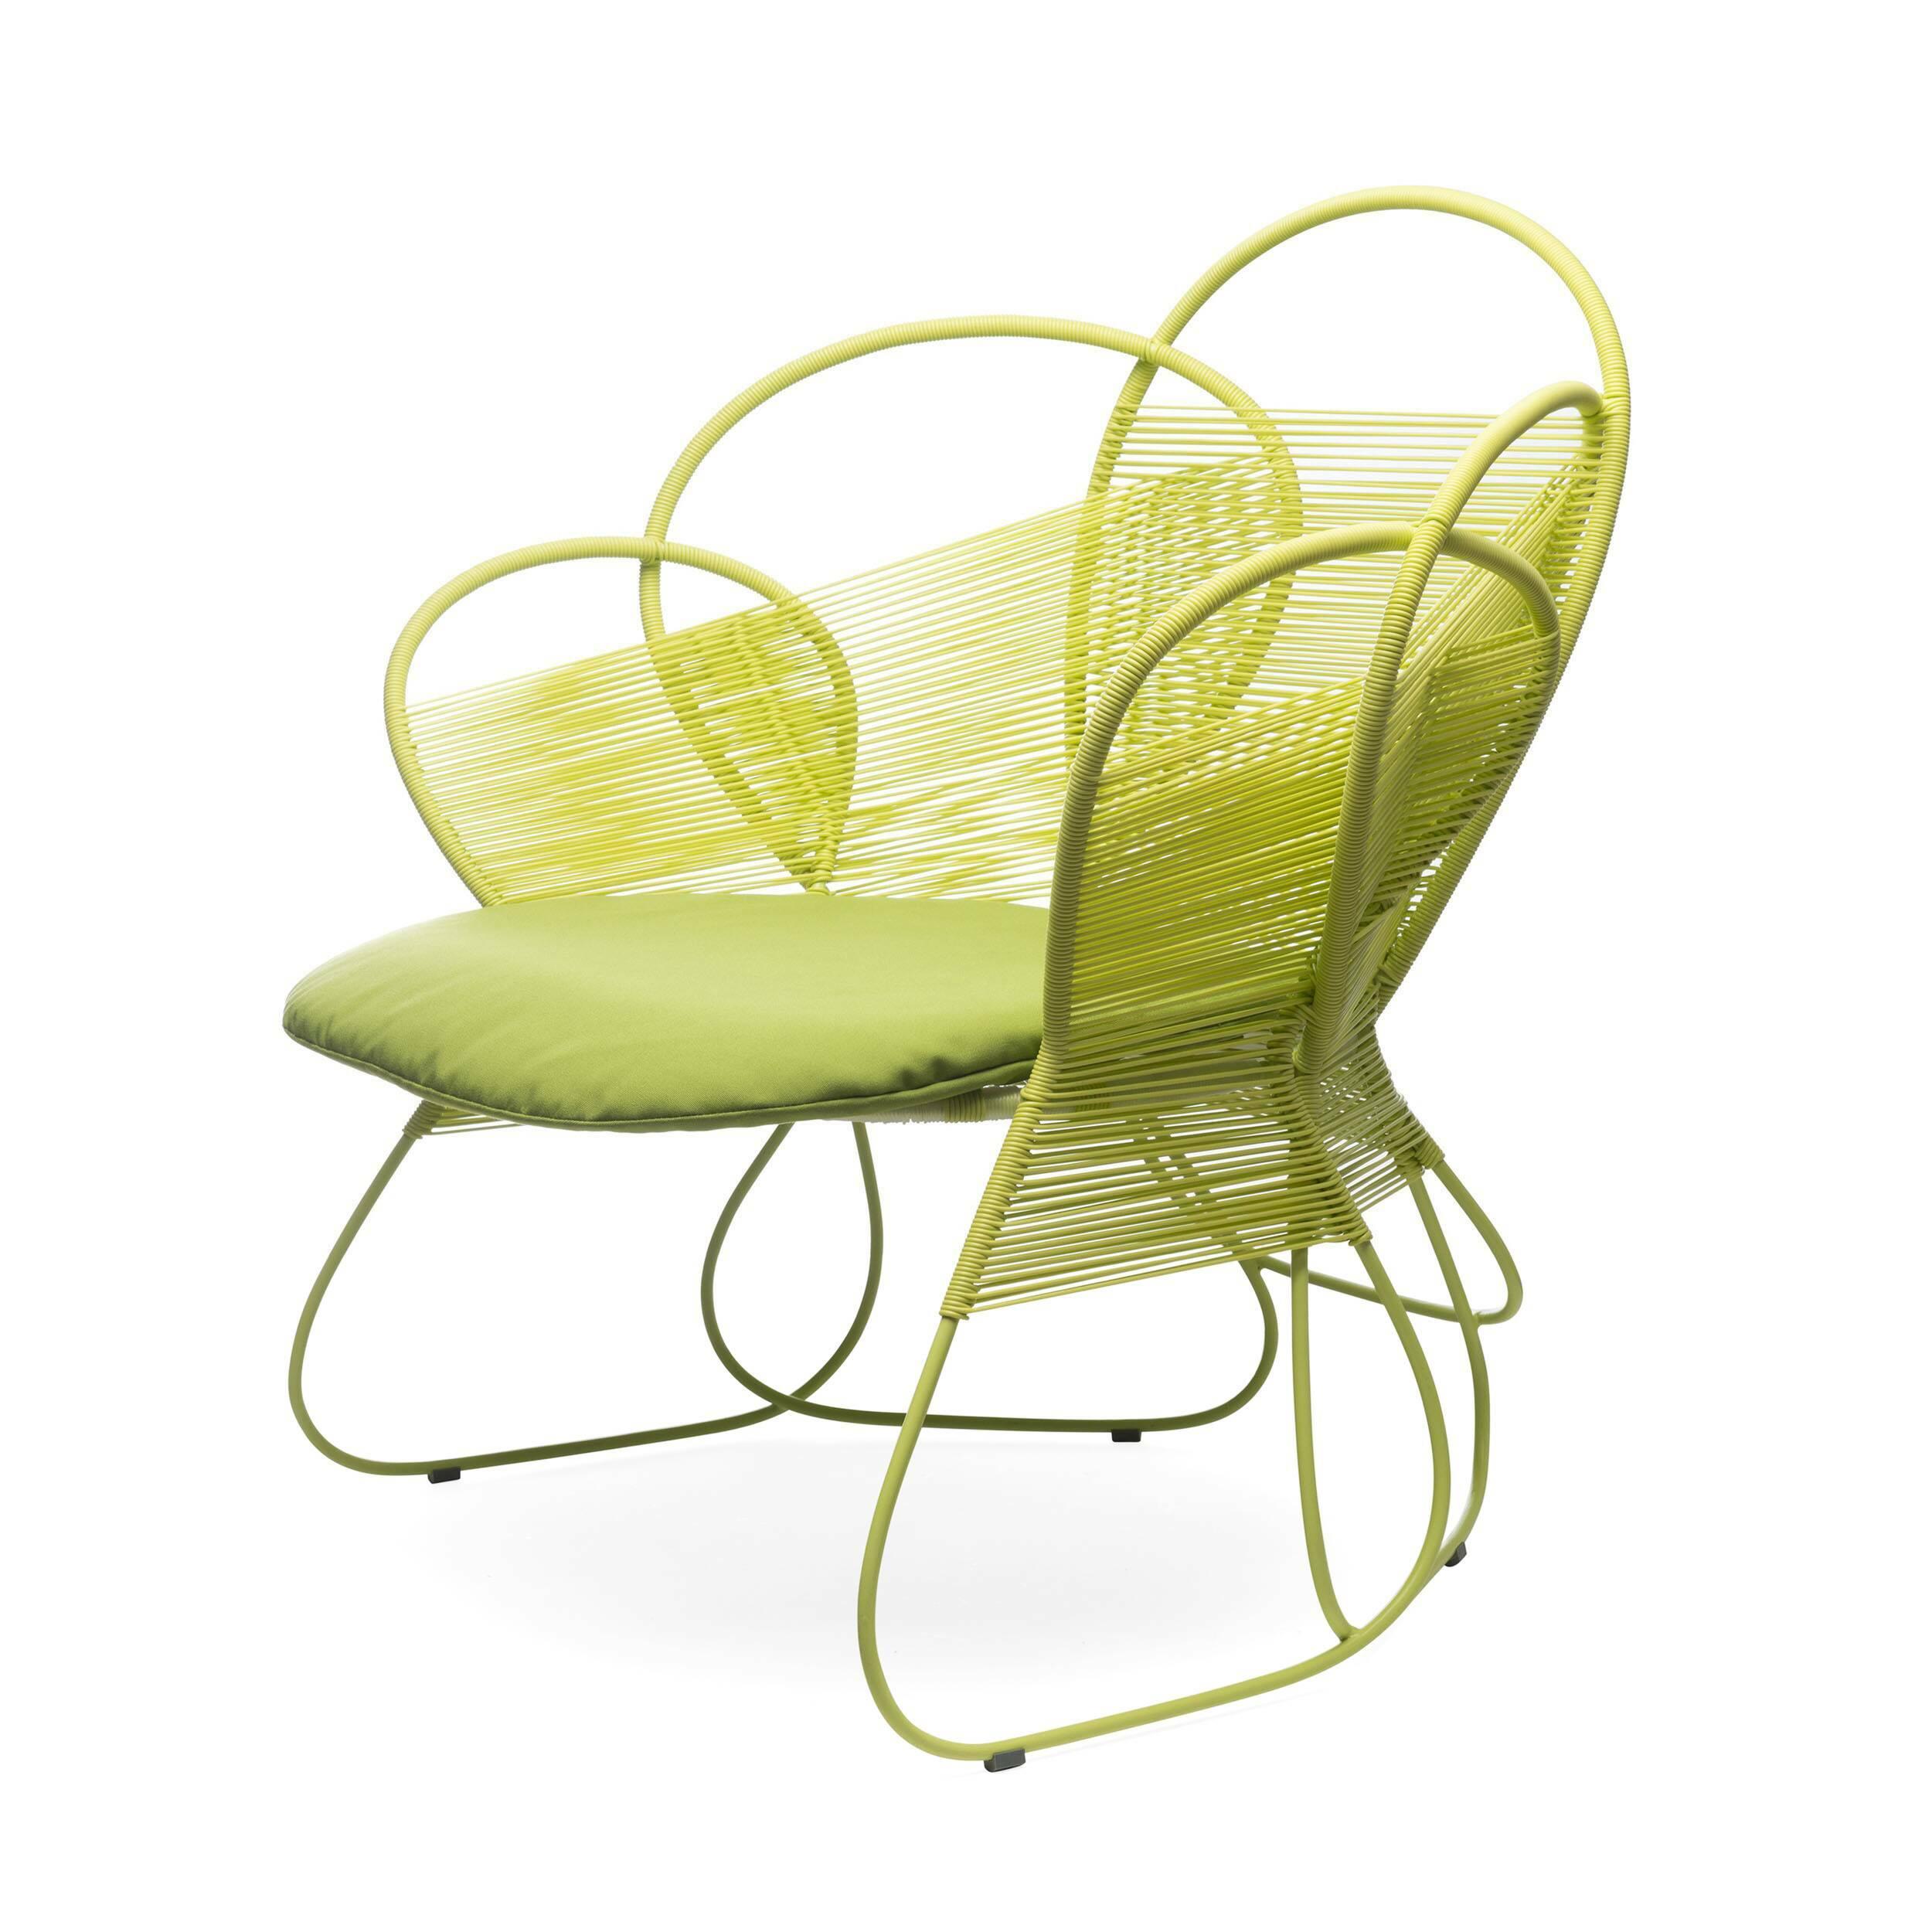 Кресло Trame EasyУличная мебель<br>Дизайнерское креативное плетеное кресло Trame easy (Трэм Изи) из ротанга от Kenneth Cobonpue (Кеннет Кобонпу)<br><br><br> Королевская семья, Анджелина Джоли и отели Four Seasons не случайно доверили филиппинцу Кеннету Кобонпу оформление интерьеров. Он изучал промышленный дизайн в Нью-Йорке, работал в Германии и Италии и приобрел известность благодаря своей инновационной мебели из материалов родных Филиппин — ротанга, бамбука и морского тростника. В его мебели сошлись оригинальный дизайн, природн...<br><br>stock: 0<br>Высота: 86<br>Ширина: 91<br>Глубина: 80<br>Сфера использования: Уличное использование<br>Материал каркаса: Ротанг искусственный<br>Материал обивки: Нейлон<br>Тип материала каркаса: Полиэтилен<br>Тип материала обивки: Ткань<br>Цвет обивки: Оранжевый<br>Цвет каркаса: Оранжевый